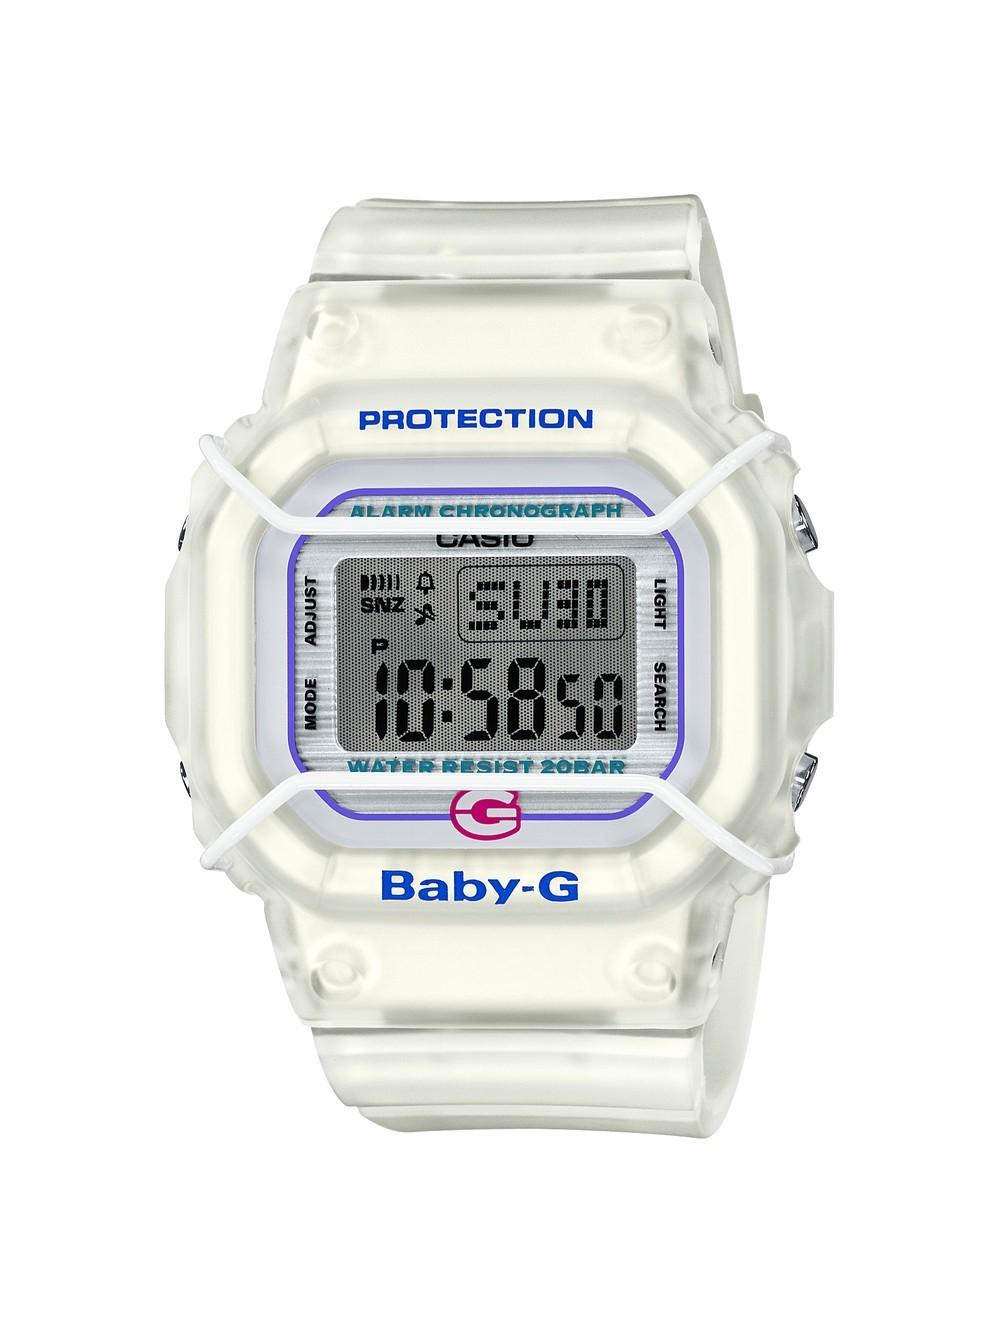 「BABY-G」25周年記念に初代復刻モデル発売 「90s」をテーマにしたデザイン